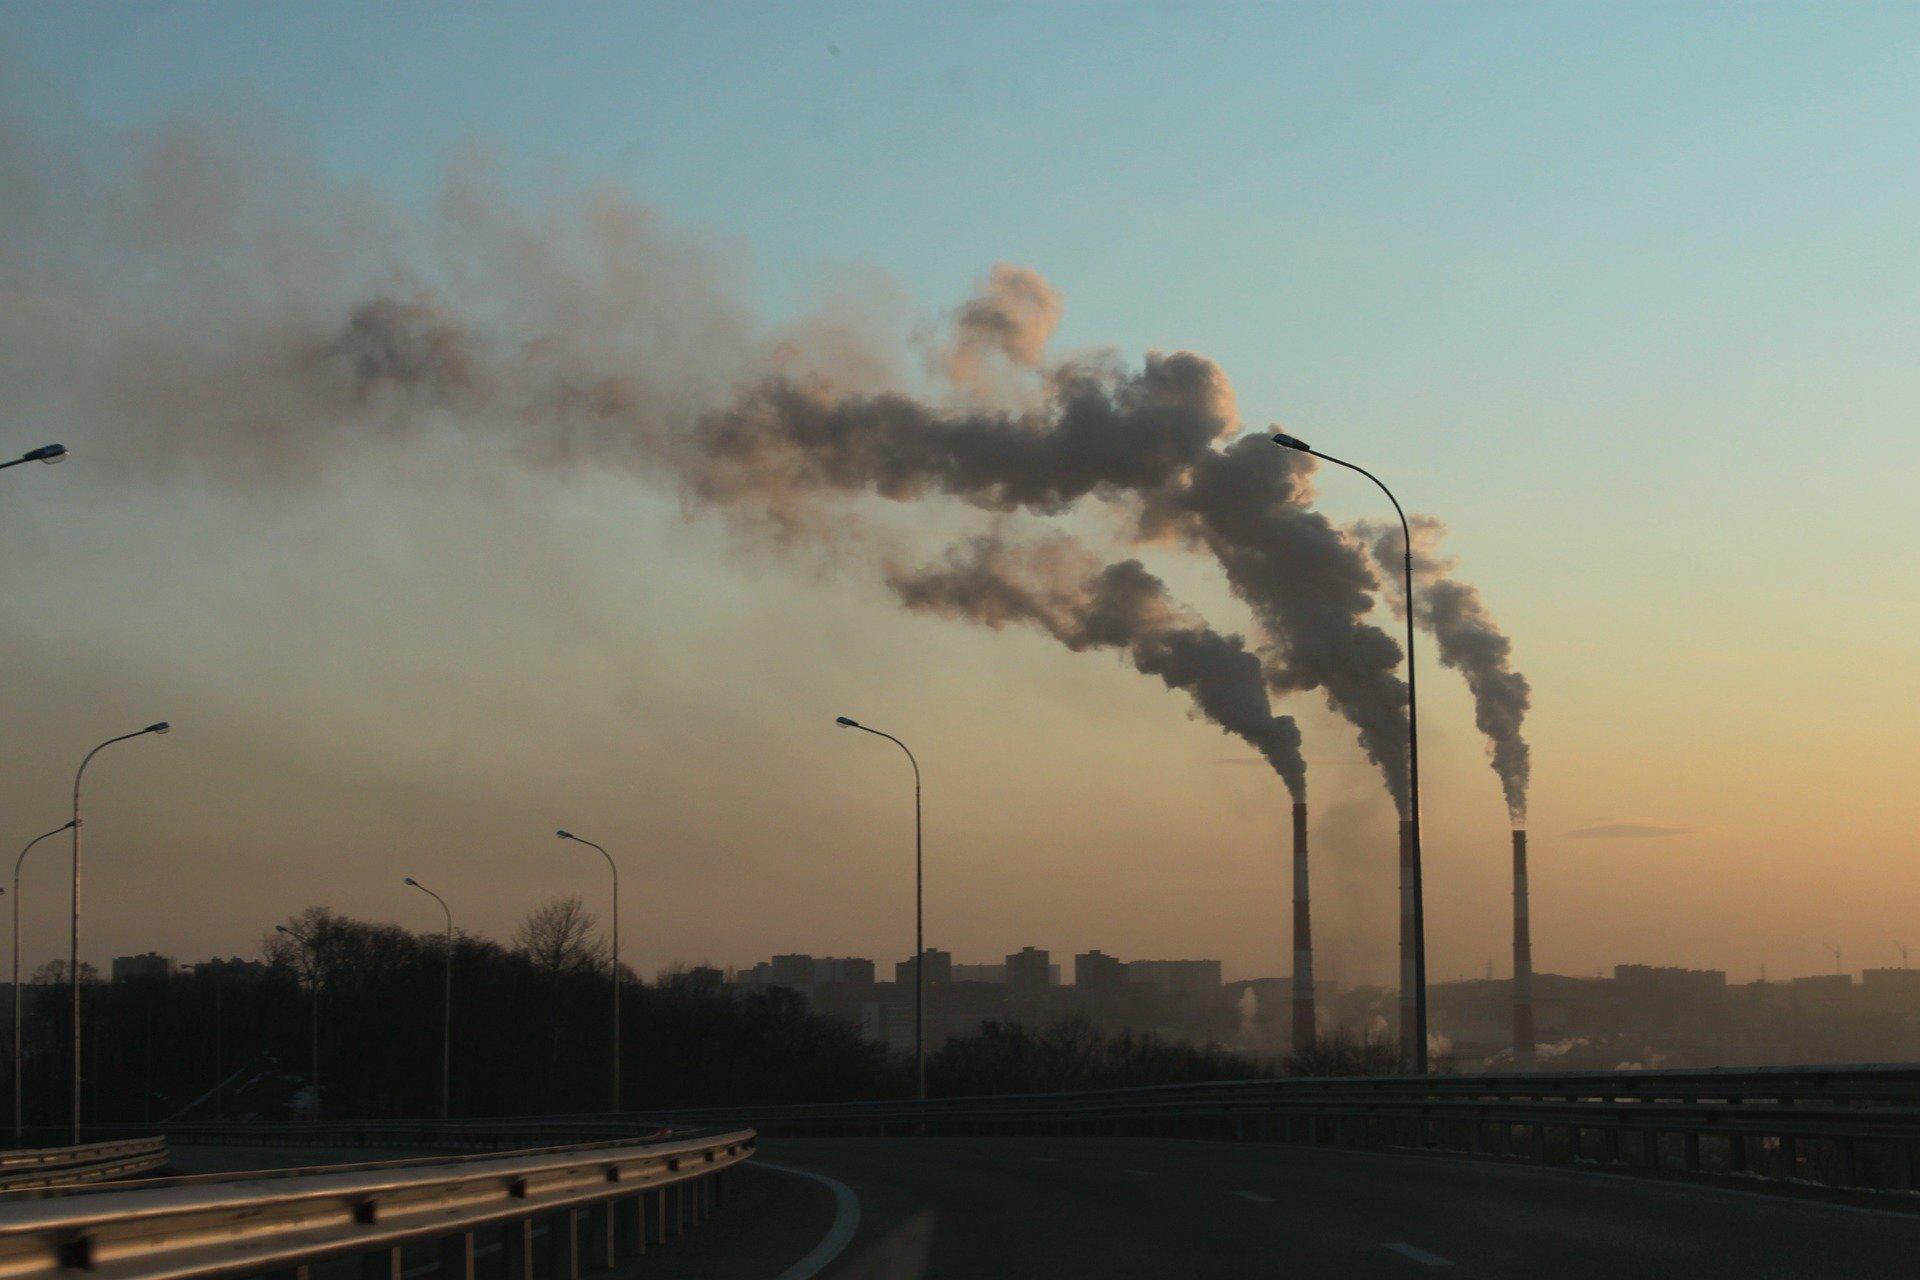 Pokud vědci u sledovaných instalovaných zařízení na eliminaci CO2 započítali všechny vstupy nutné k jejich provozu, deklarovaná účinnost z devadesáti procent klesla na deset procent.